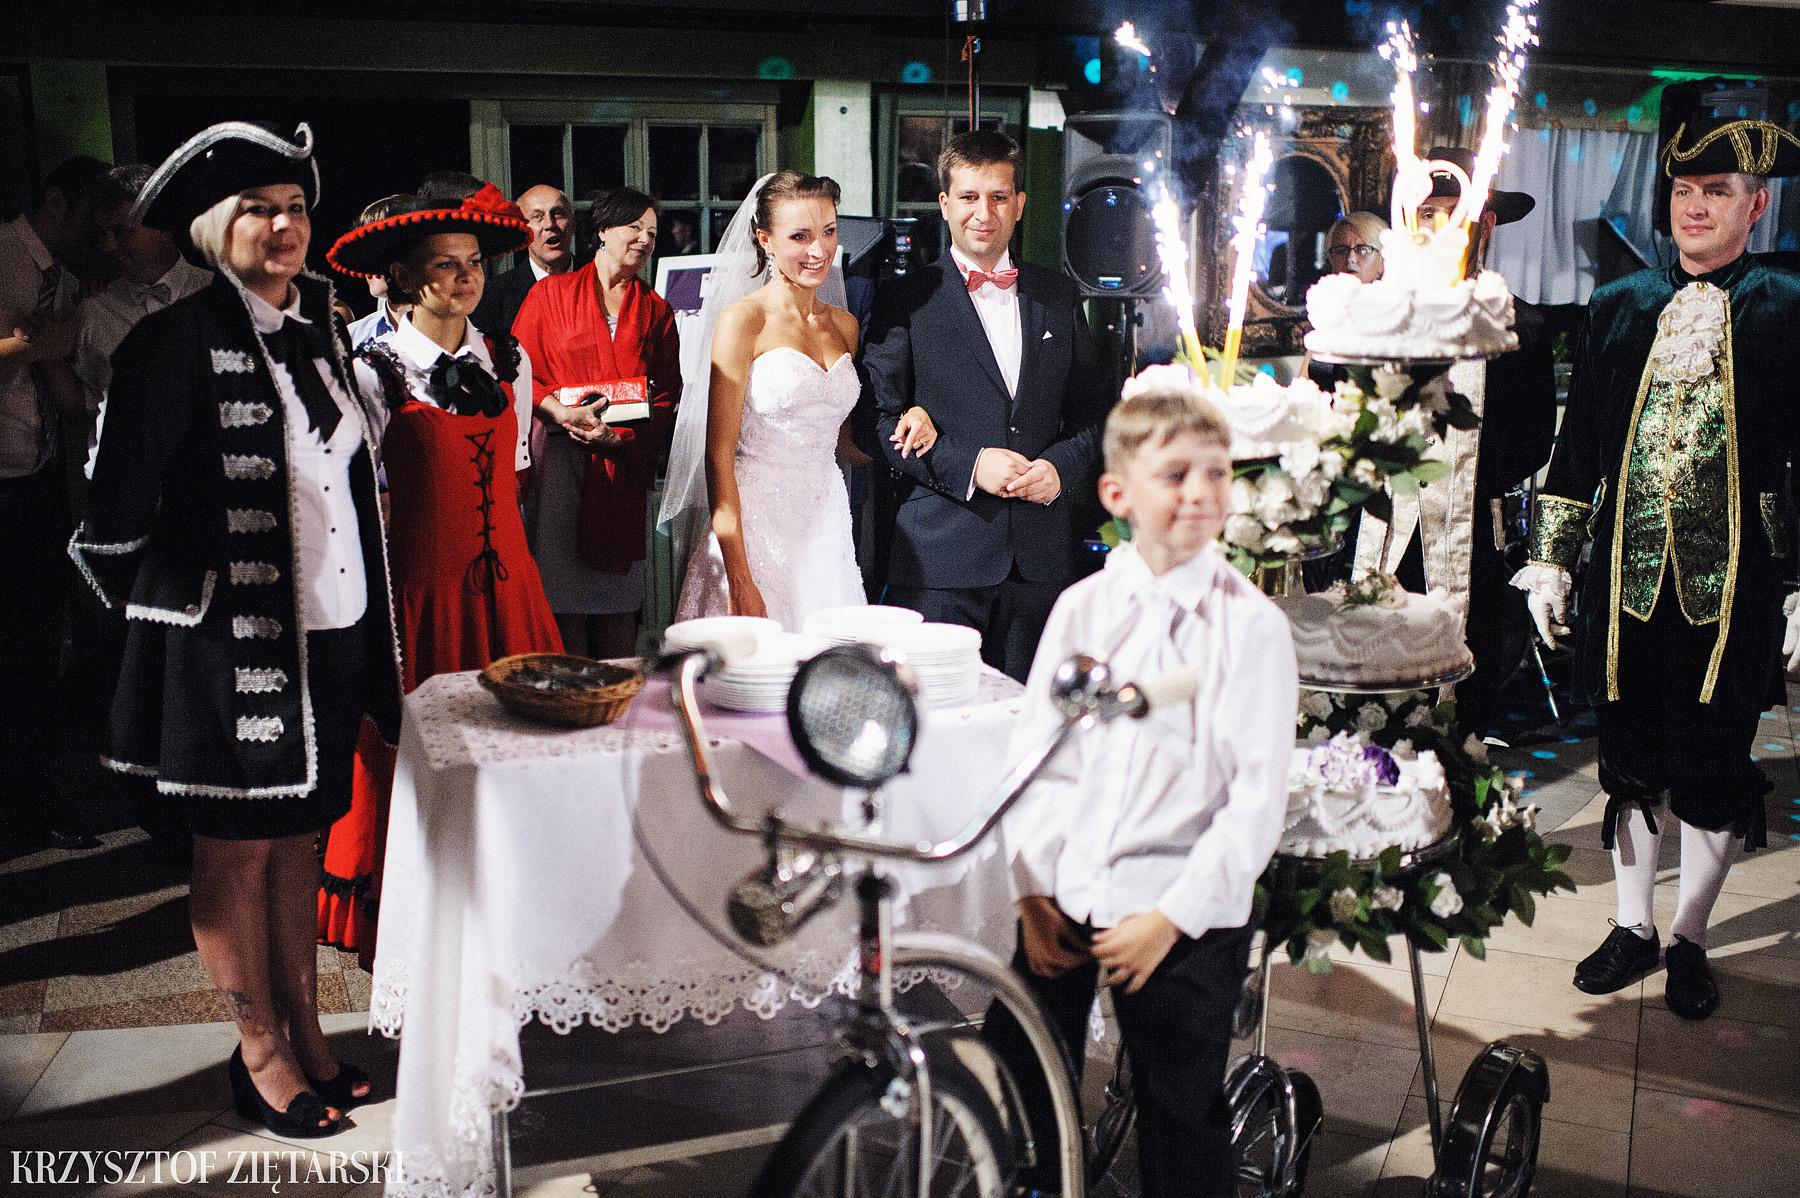 Karolina i Jacek - Fotografia ślubna Gdańsk, Chwaszczyno, Gościniec dla Przyjaciół Wyczechowo Hilary - 43.